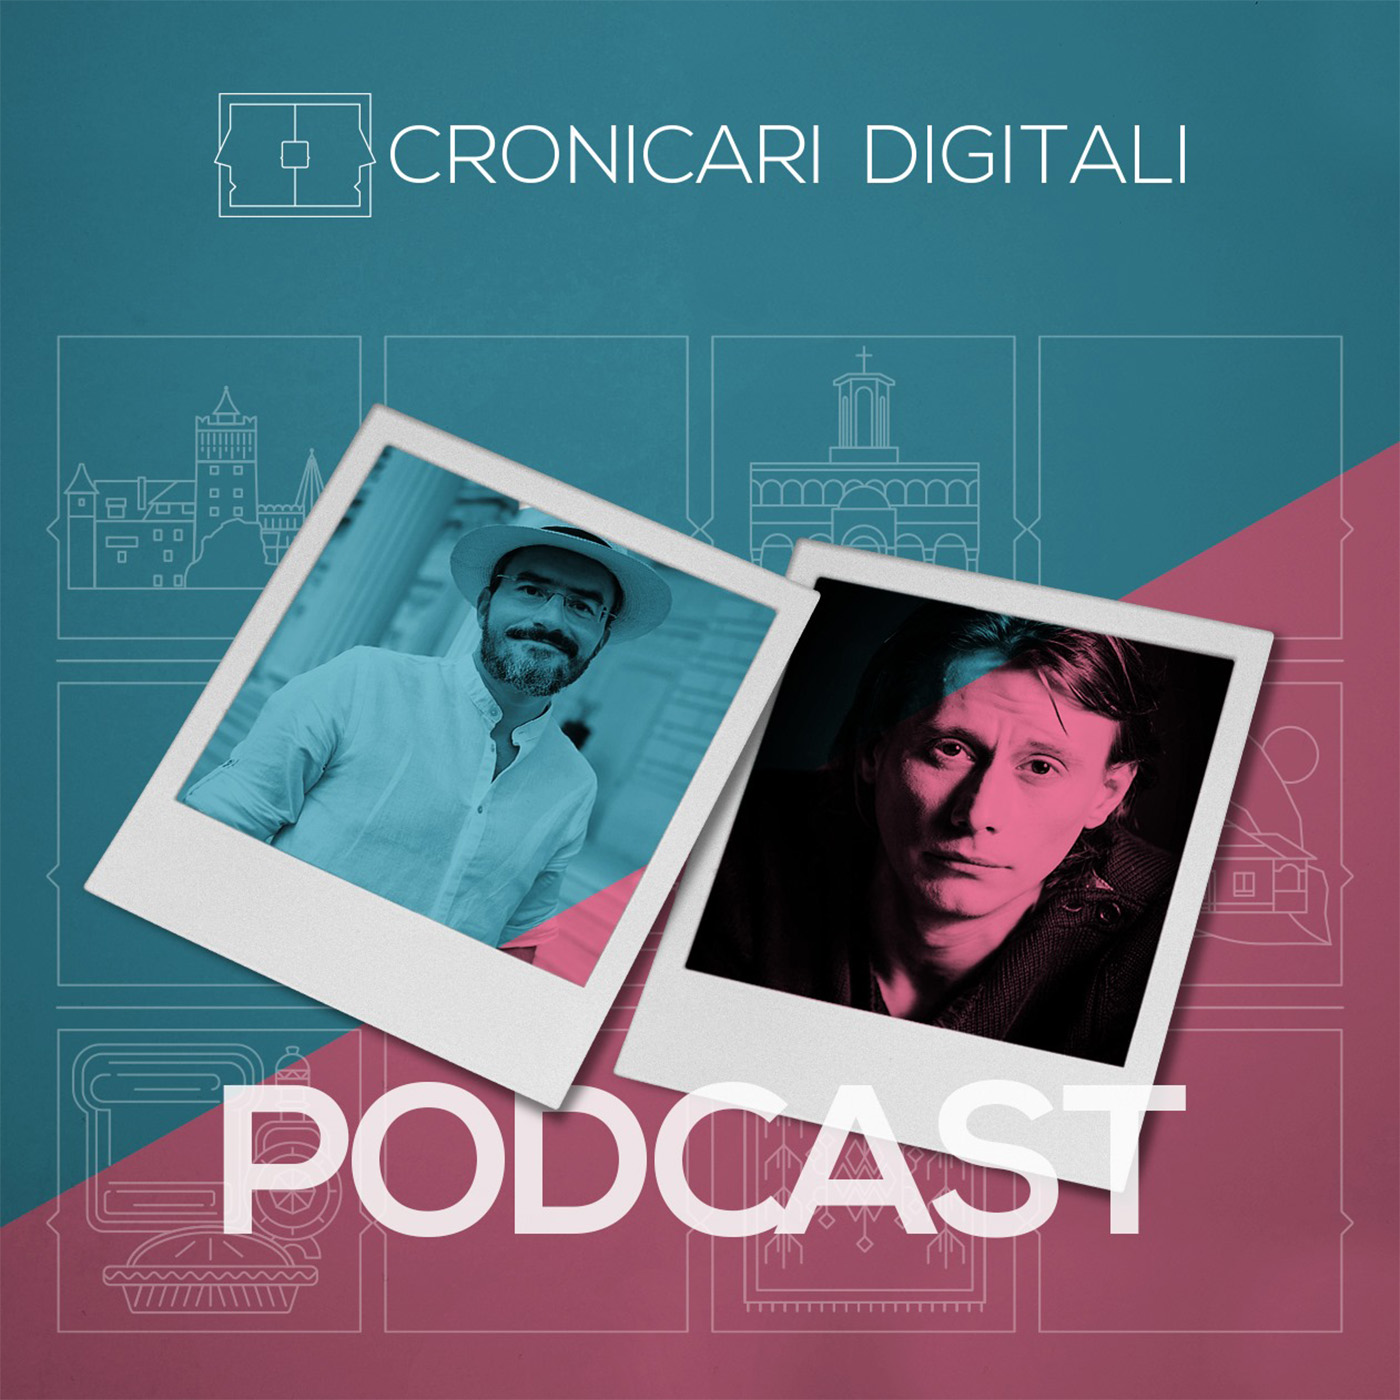 #cronicaridigitali S1 episod 2, Invitați Marius Manole & Vlad Eftenie, moderator Cristian Șimonca, aka Blogu lu' Otravă